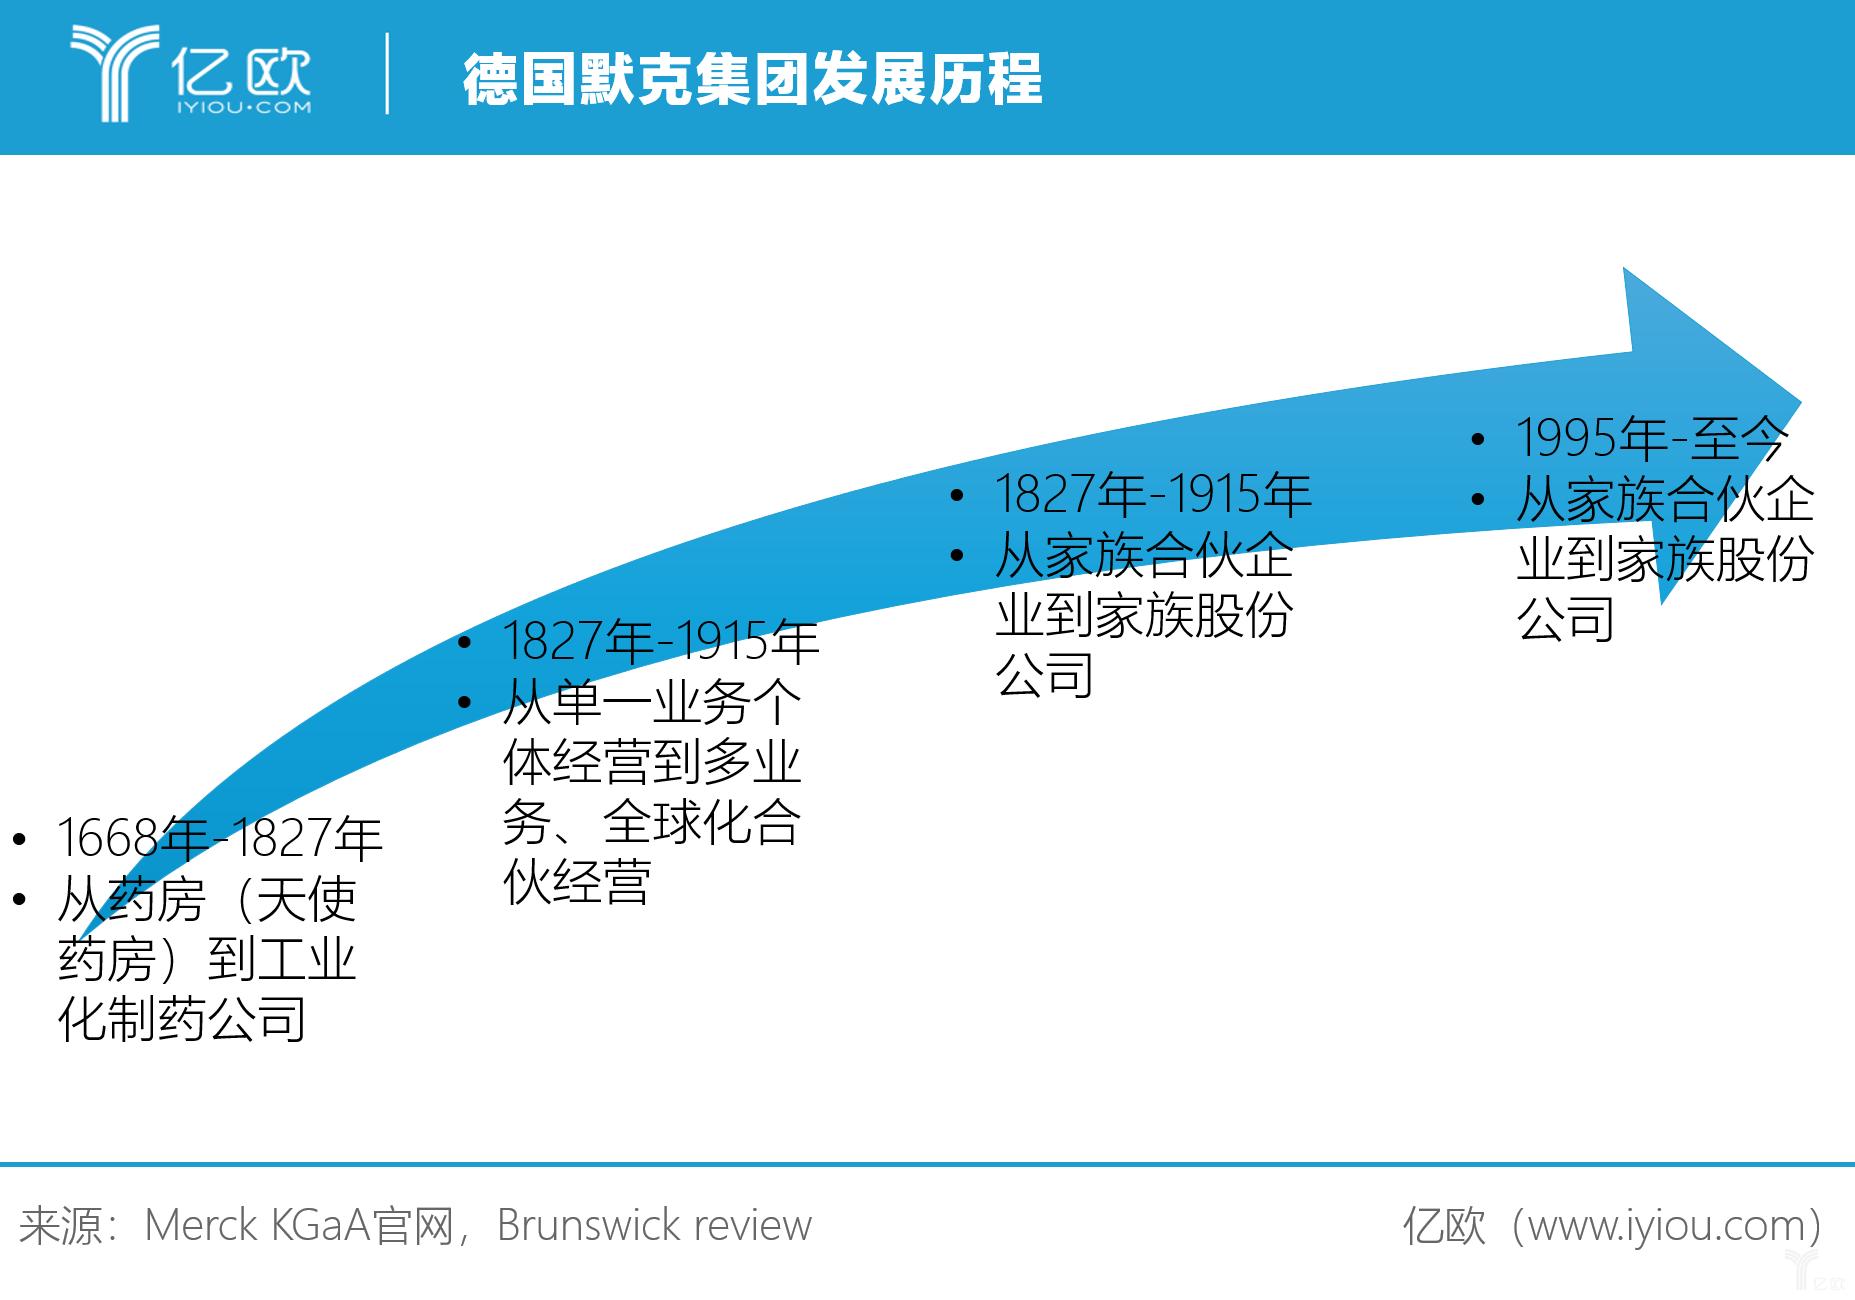 亿欧智库:德国默克集团发展历程